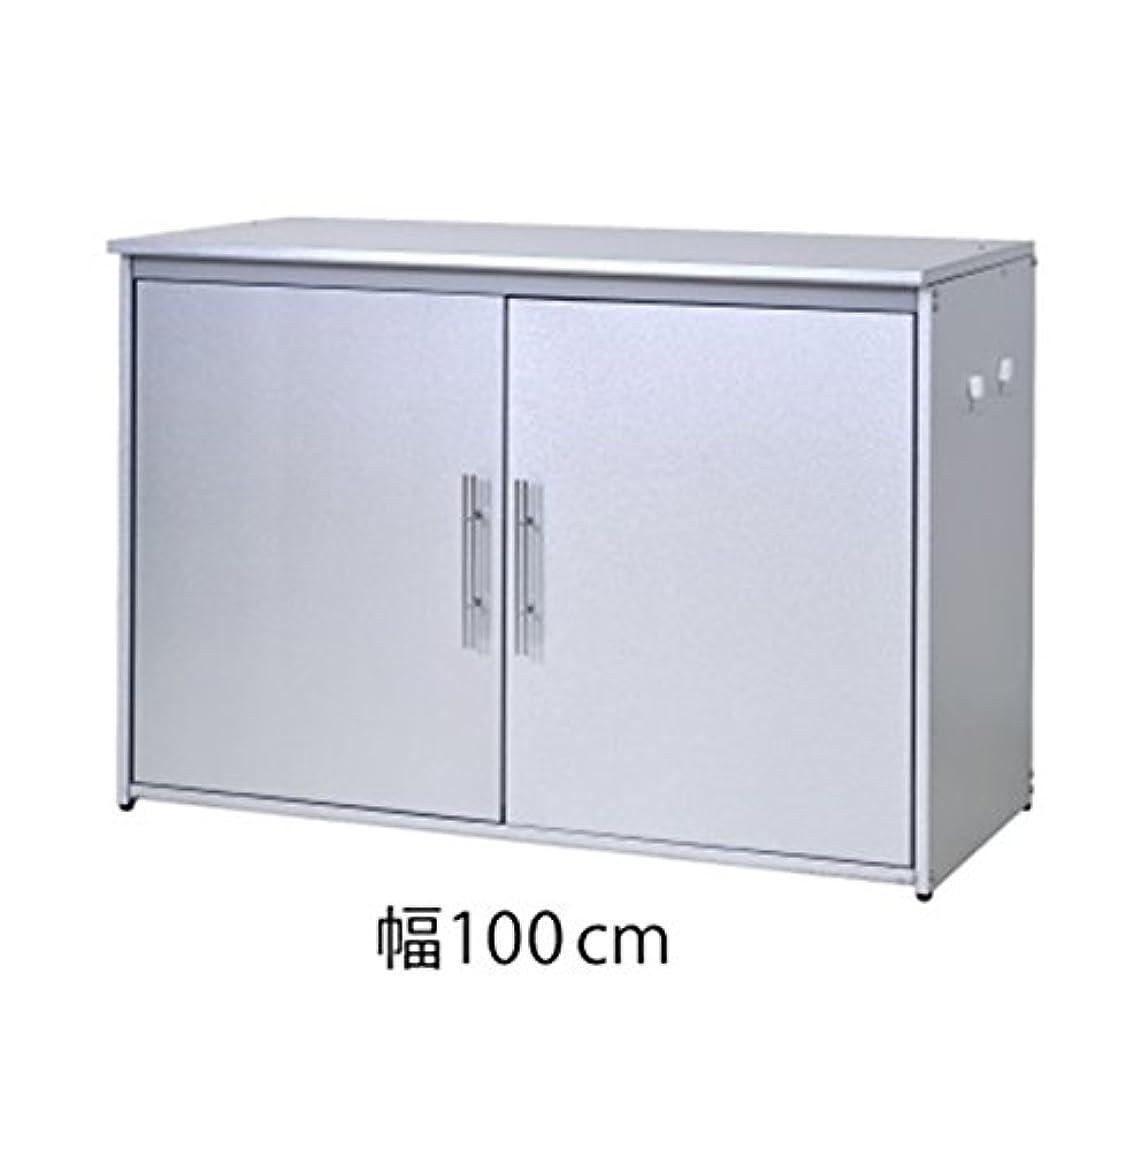 概して谷コンチネンタル足立製作所 日本製 ダスト収納庫 オールガルバ製 幅100cmタイプ